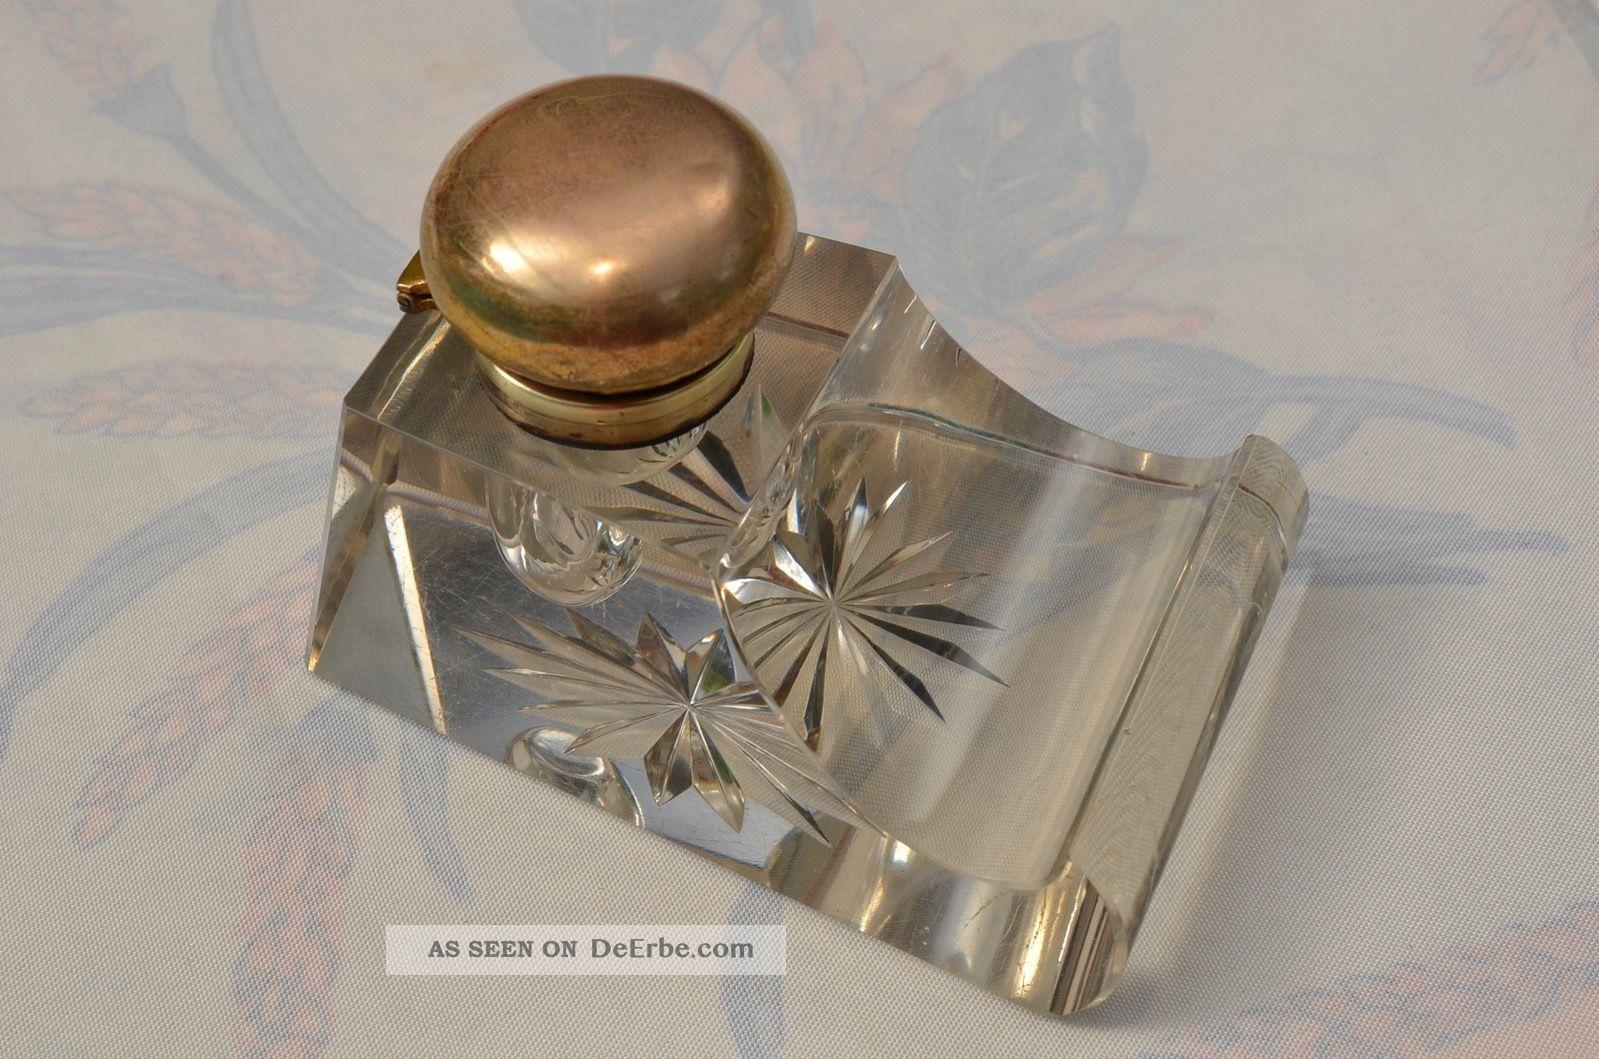 Altes Massives Geschliffenes Tintenfass Kristallglas Sammlerstück 1910/1930 Kristall Bild